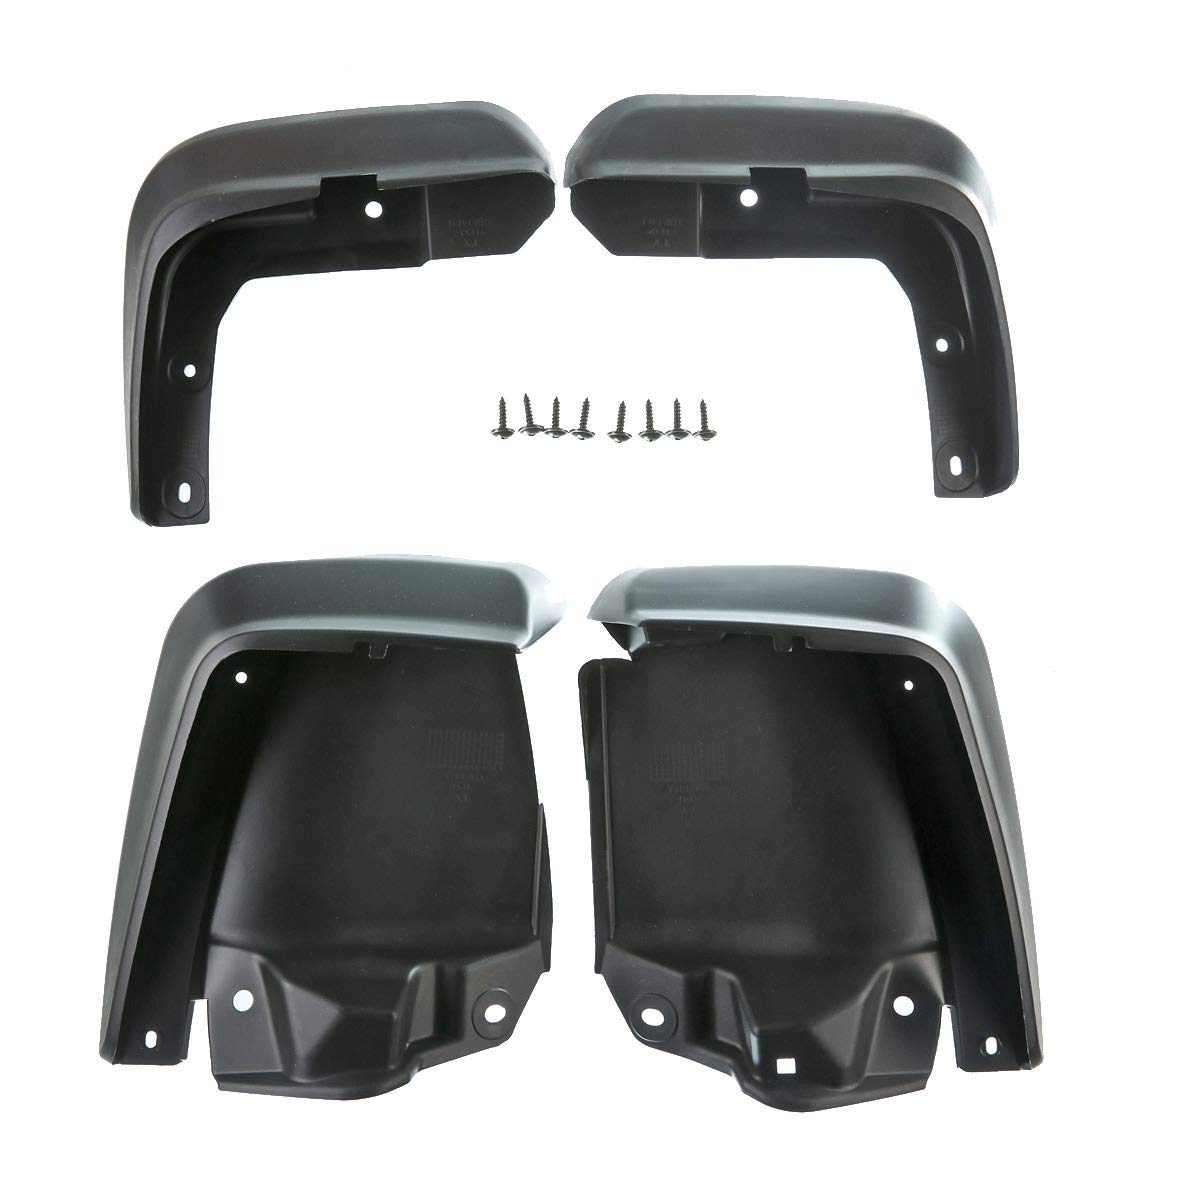 A-Premium Splash Guards Mud Flaps Mudflaps for Honda Civic 2006-2011 Sedan PremiumpartsWhosale